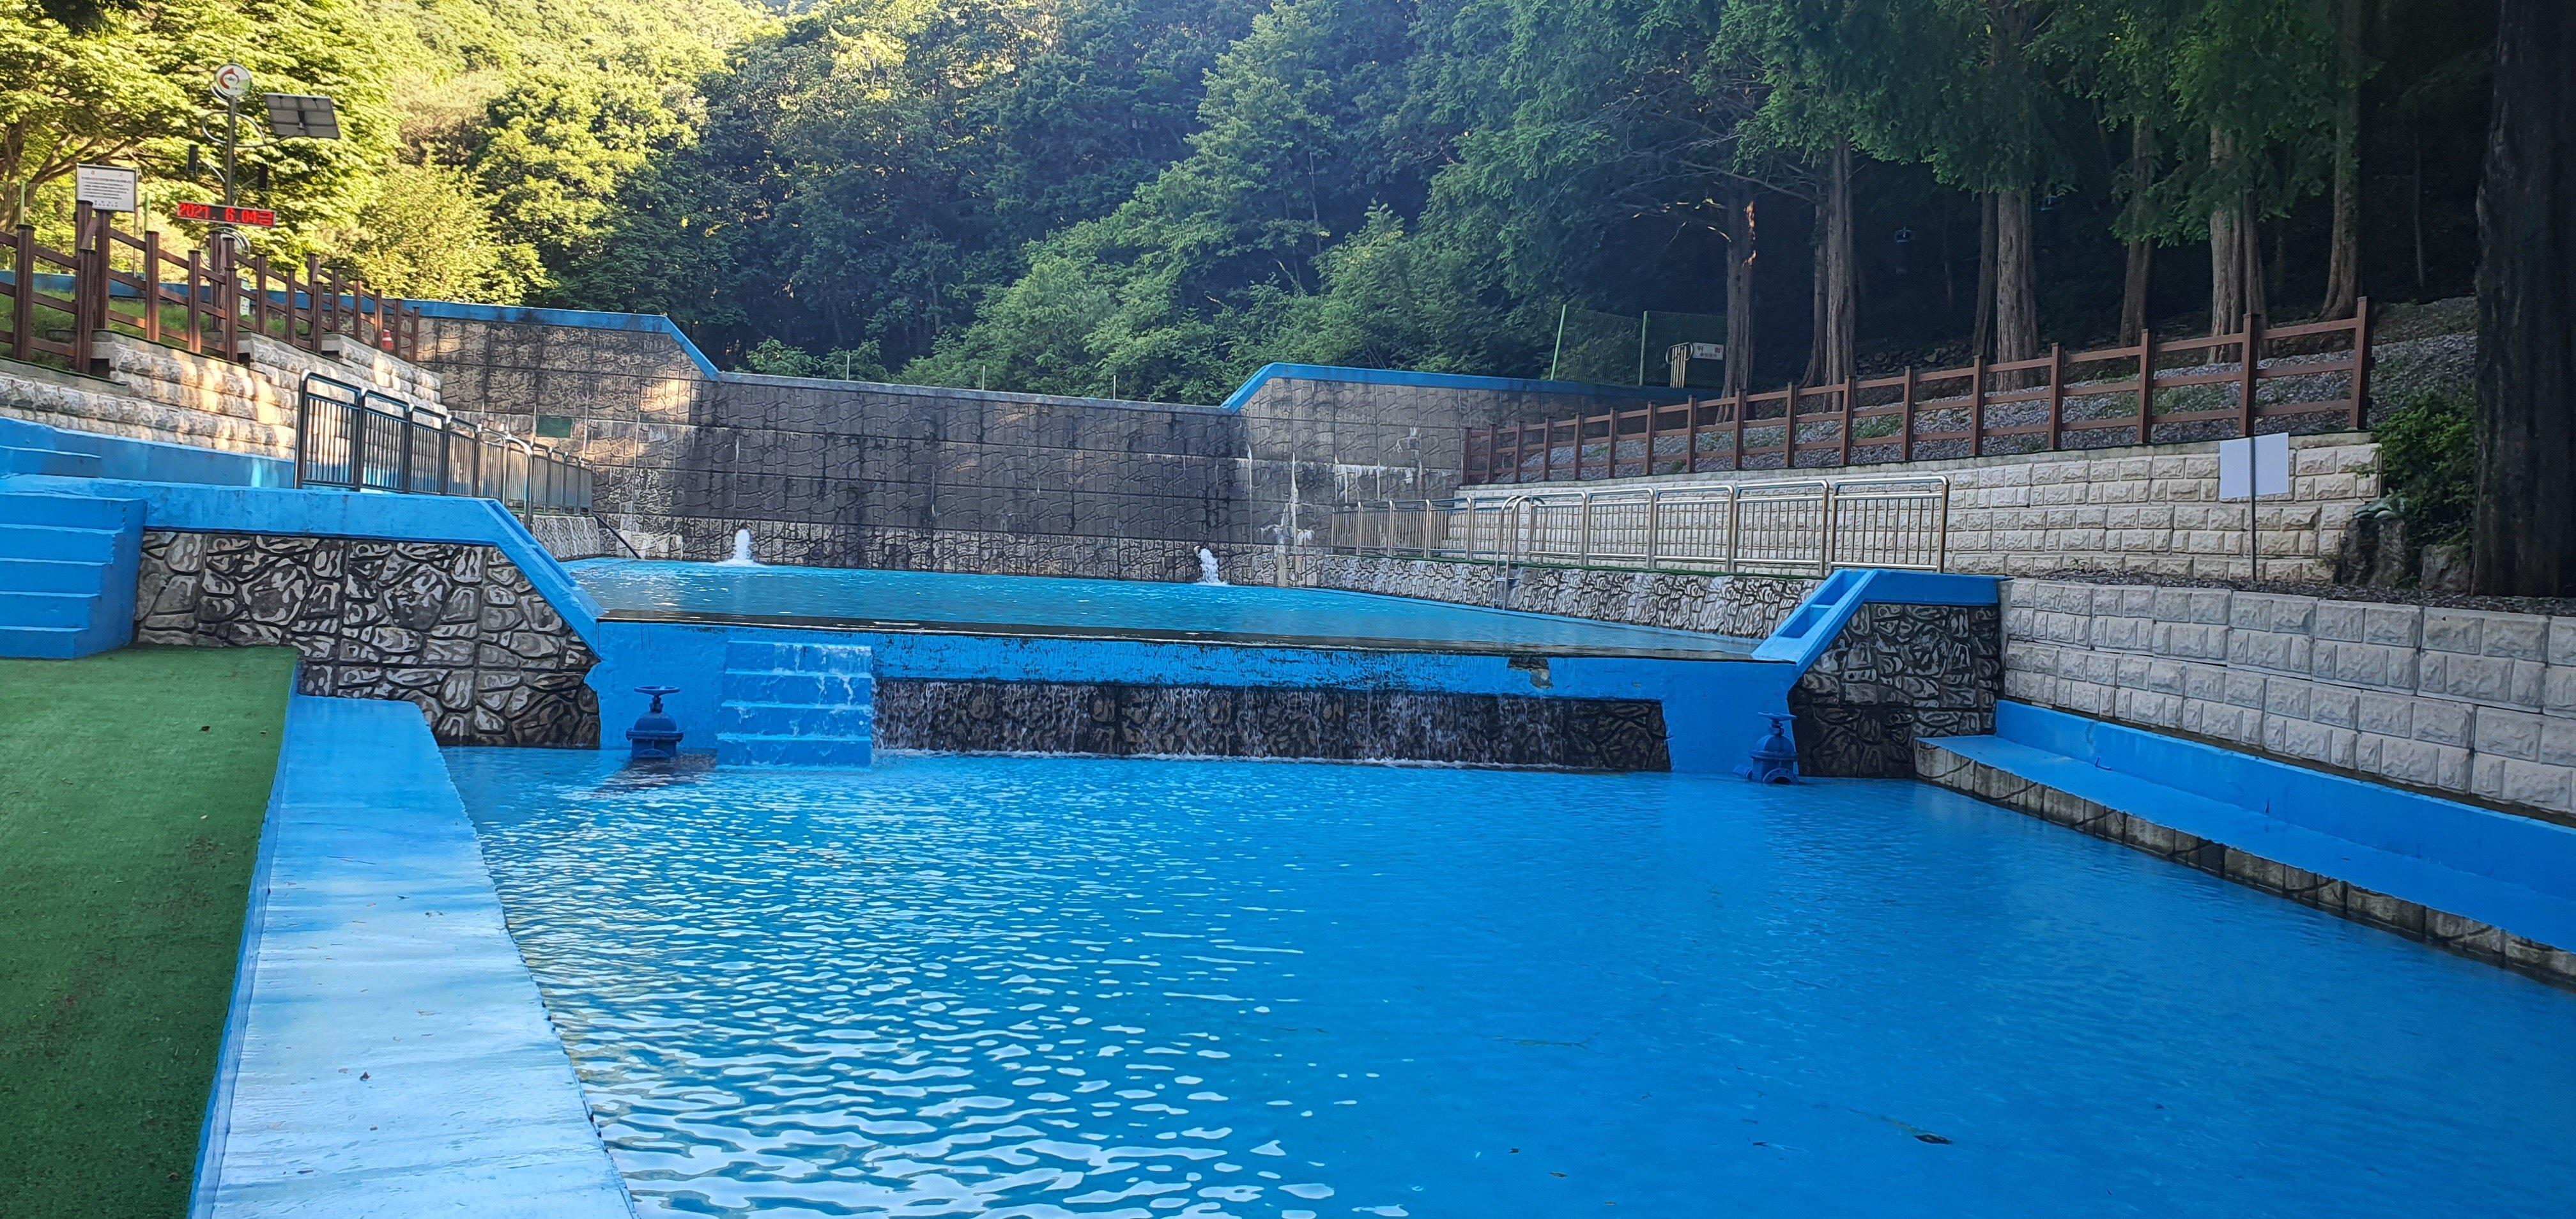 칠갑산자연휴양림 물놀이시설 전경